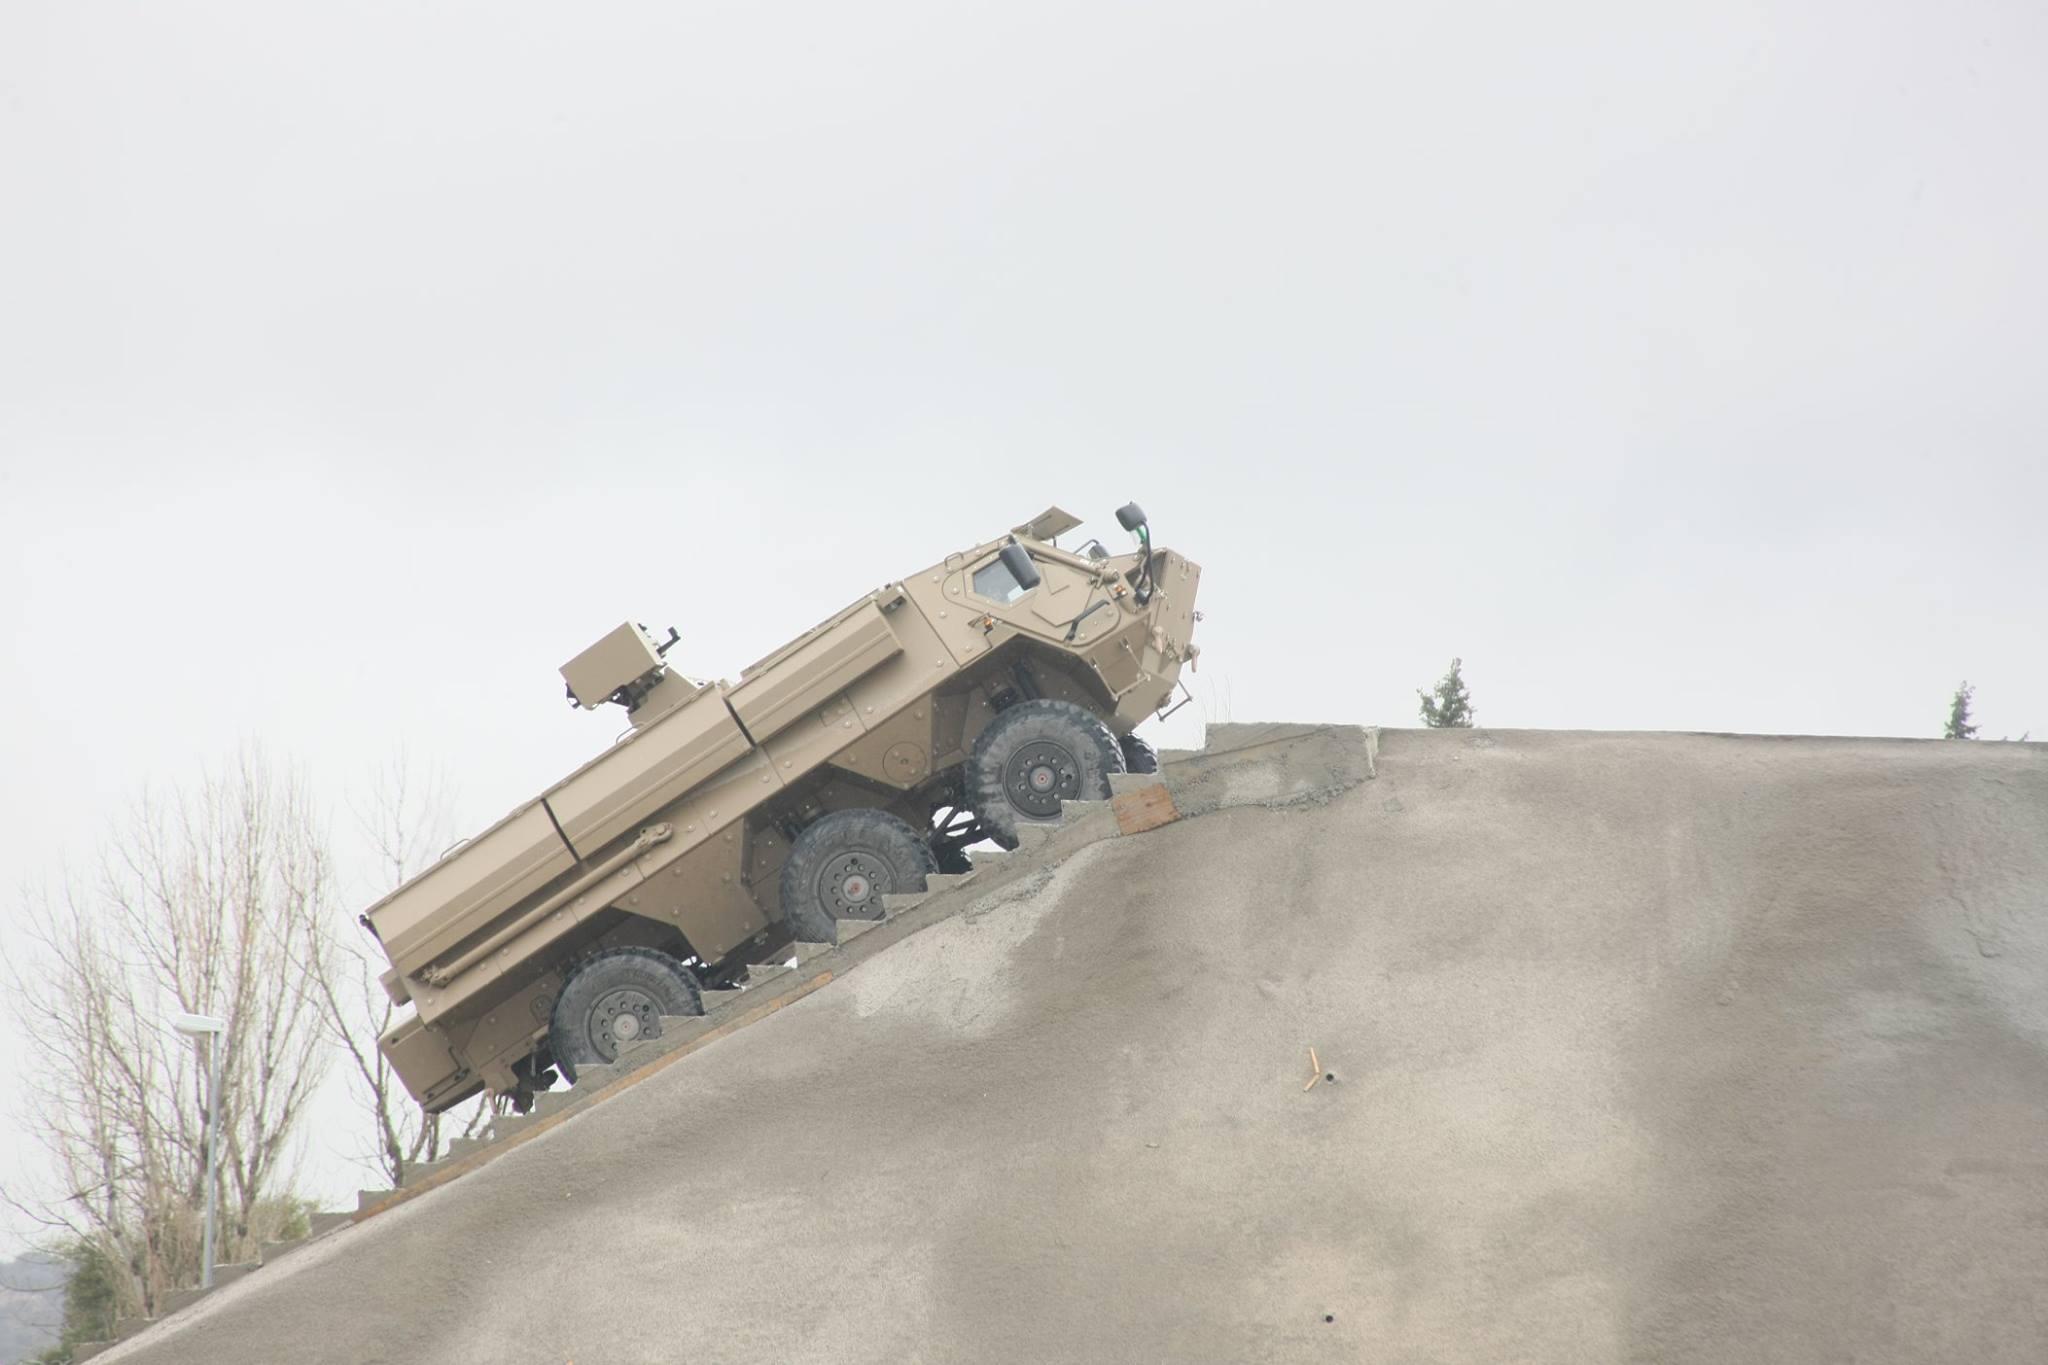 الصناعة العسكرية الجزائرية ... مدرعات ( فوكس 2 ) - صفحة 6 32312127123_55d9082f87_o